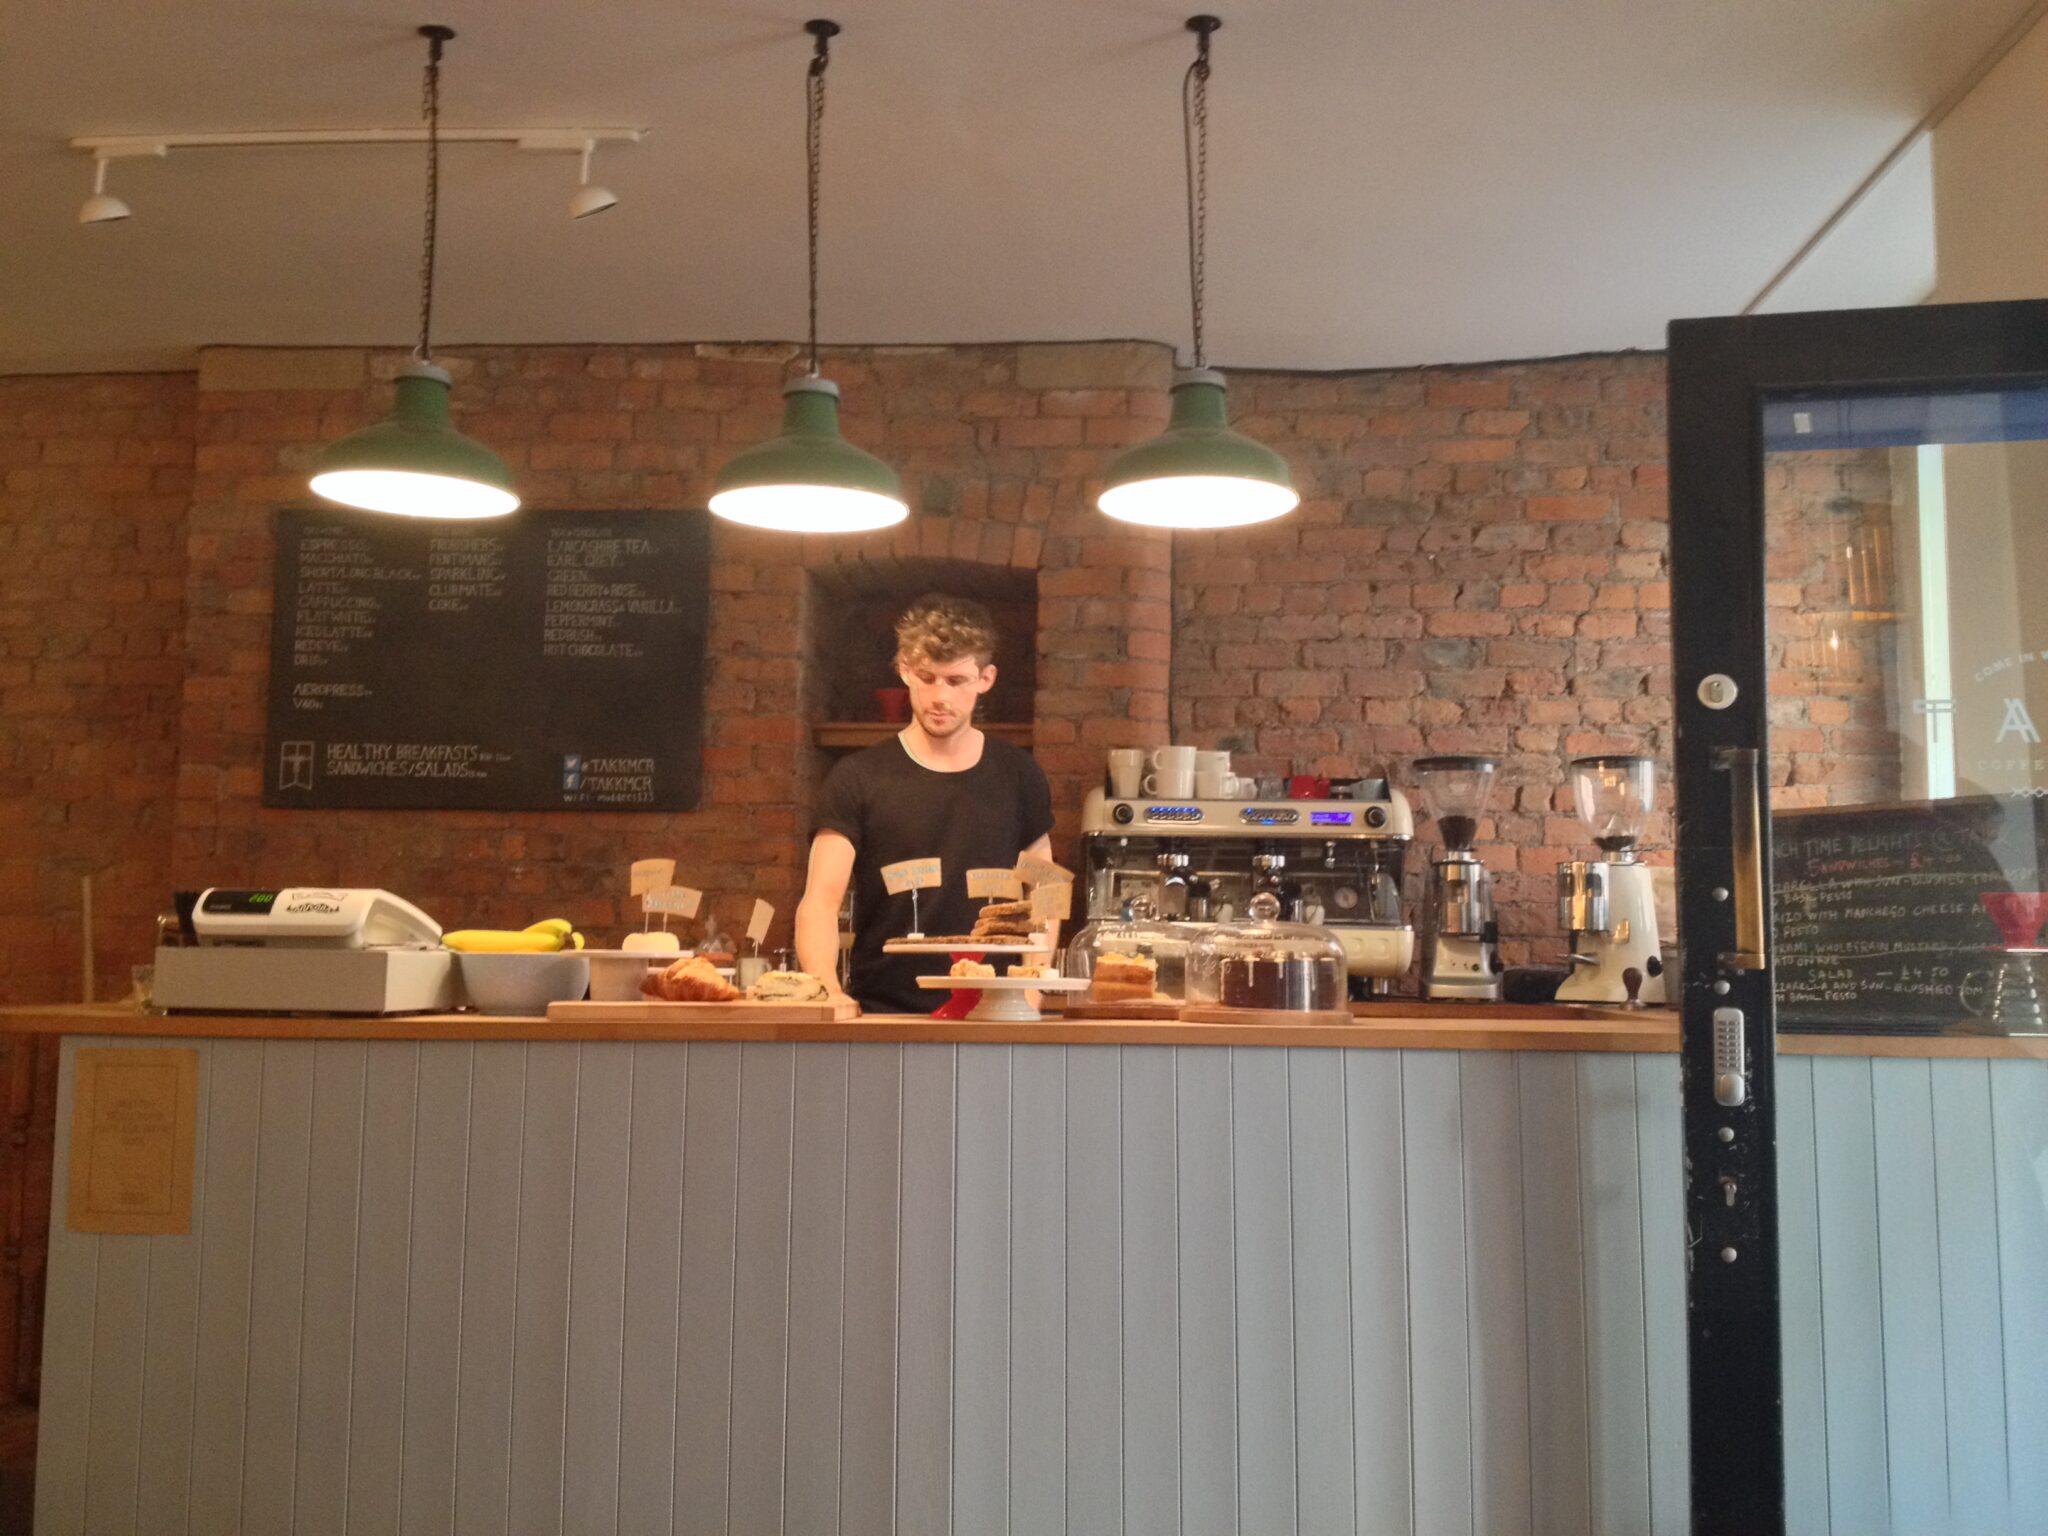 Takk cafe interior Manchester